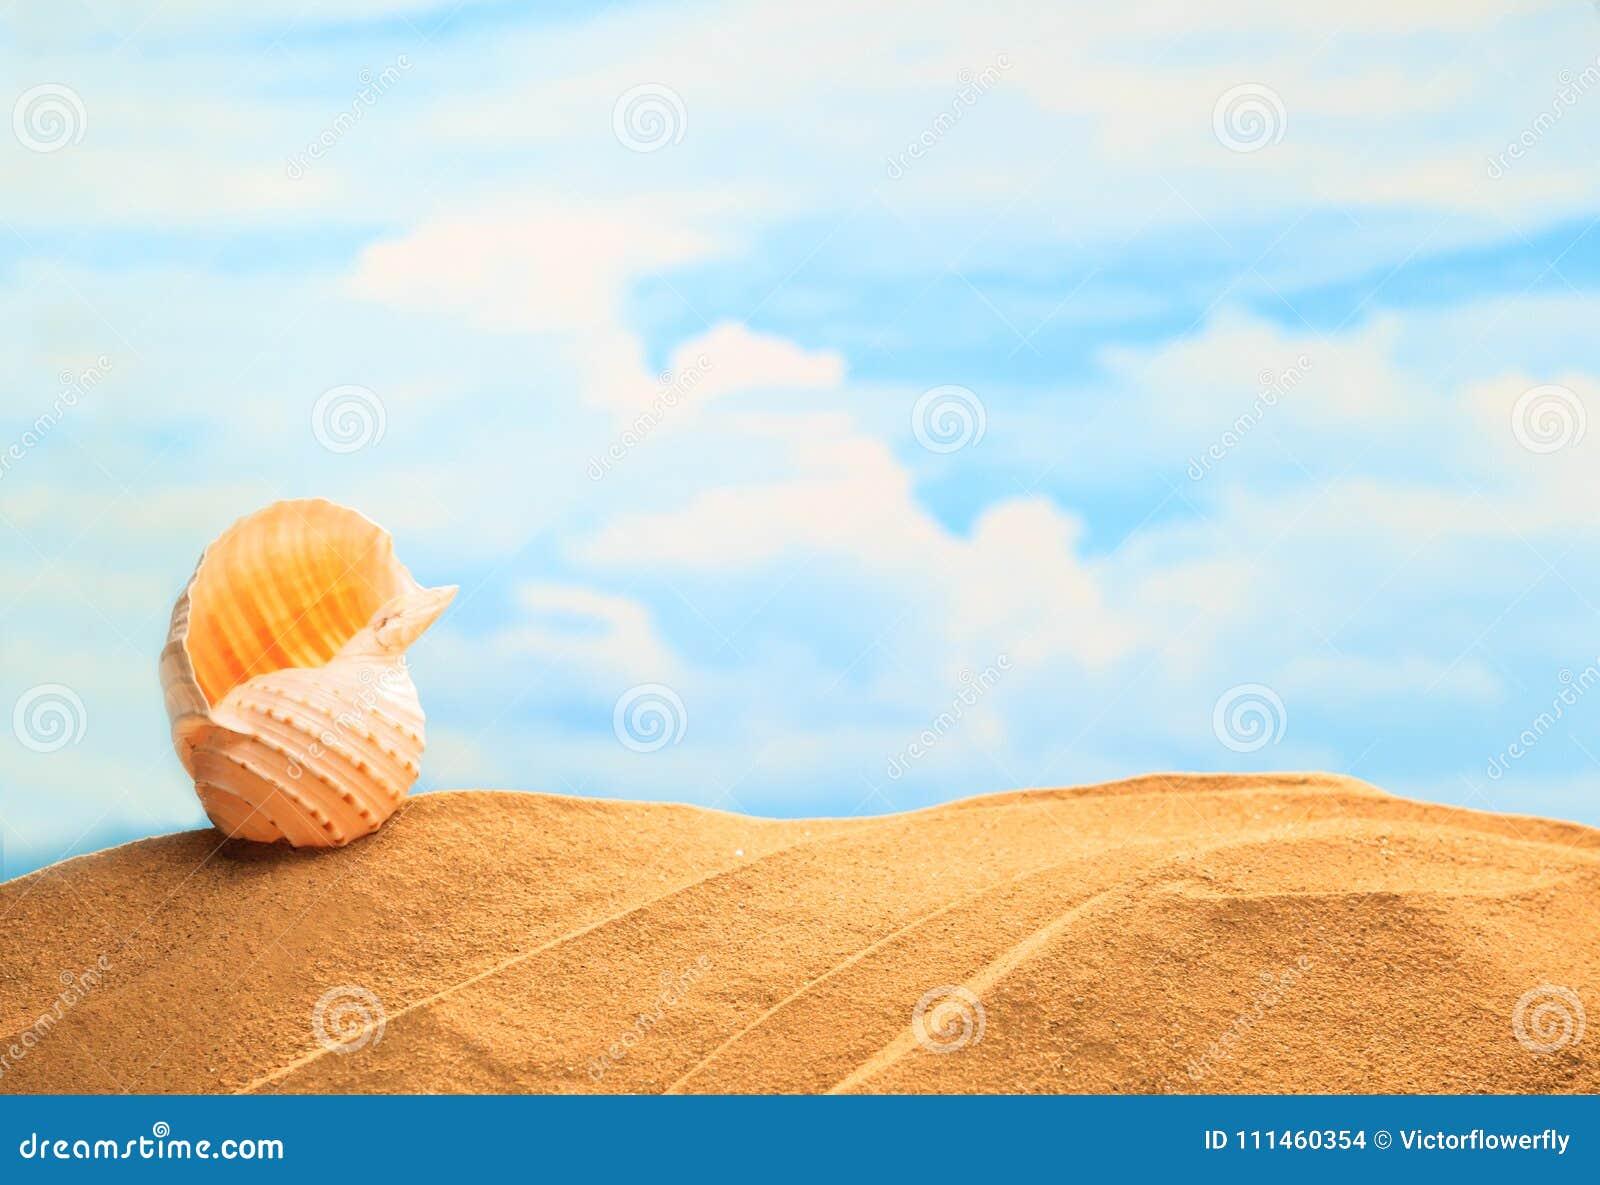 在沙滩的夏令时季节性,白色黄色贝壳有晴朗的五颜六色的蓝天背景和拷贝空间